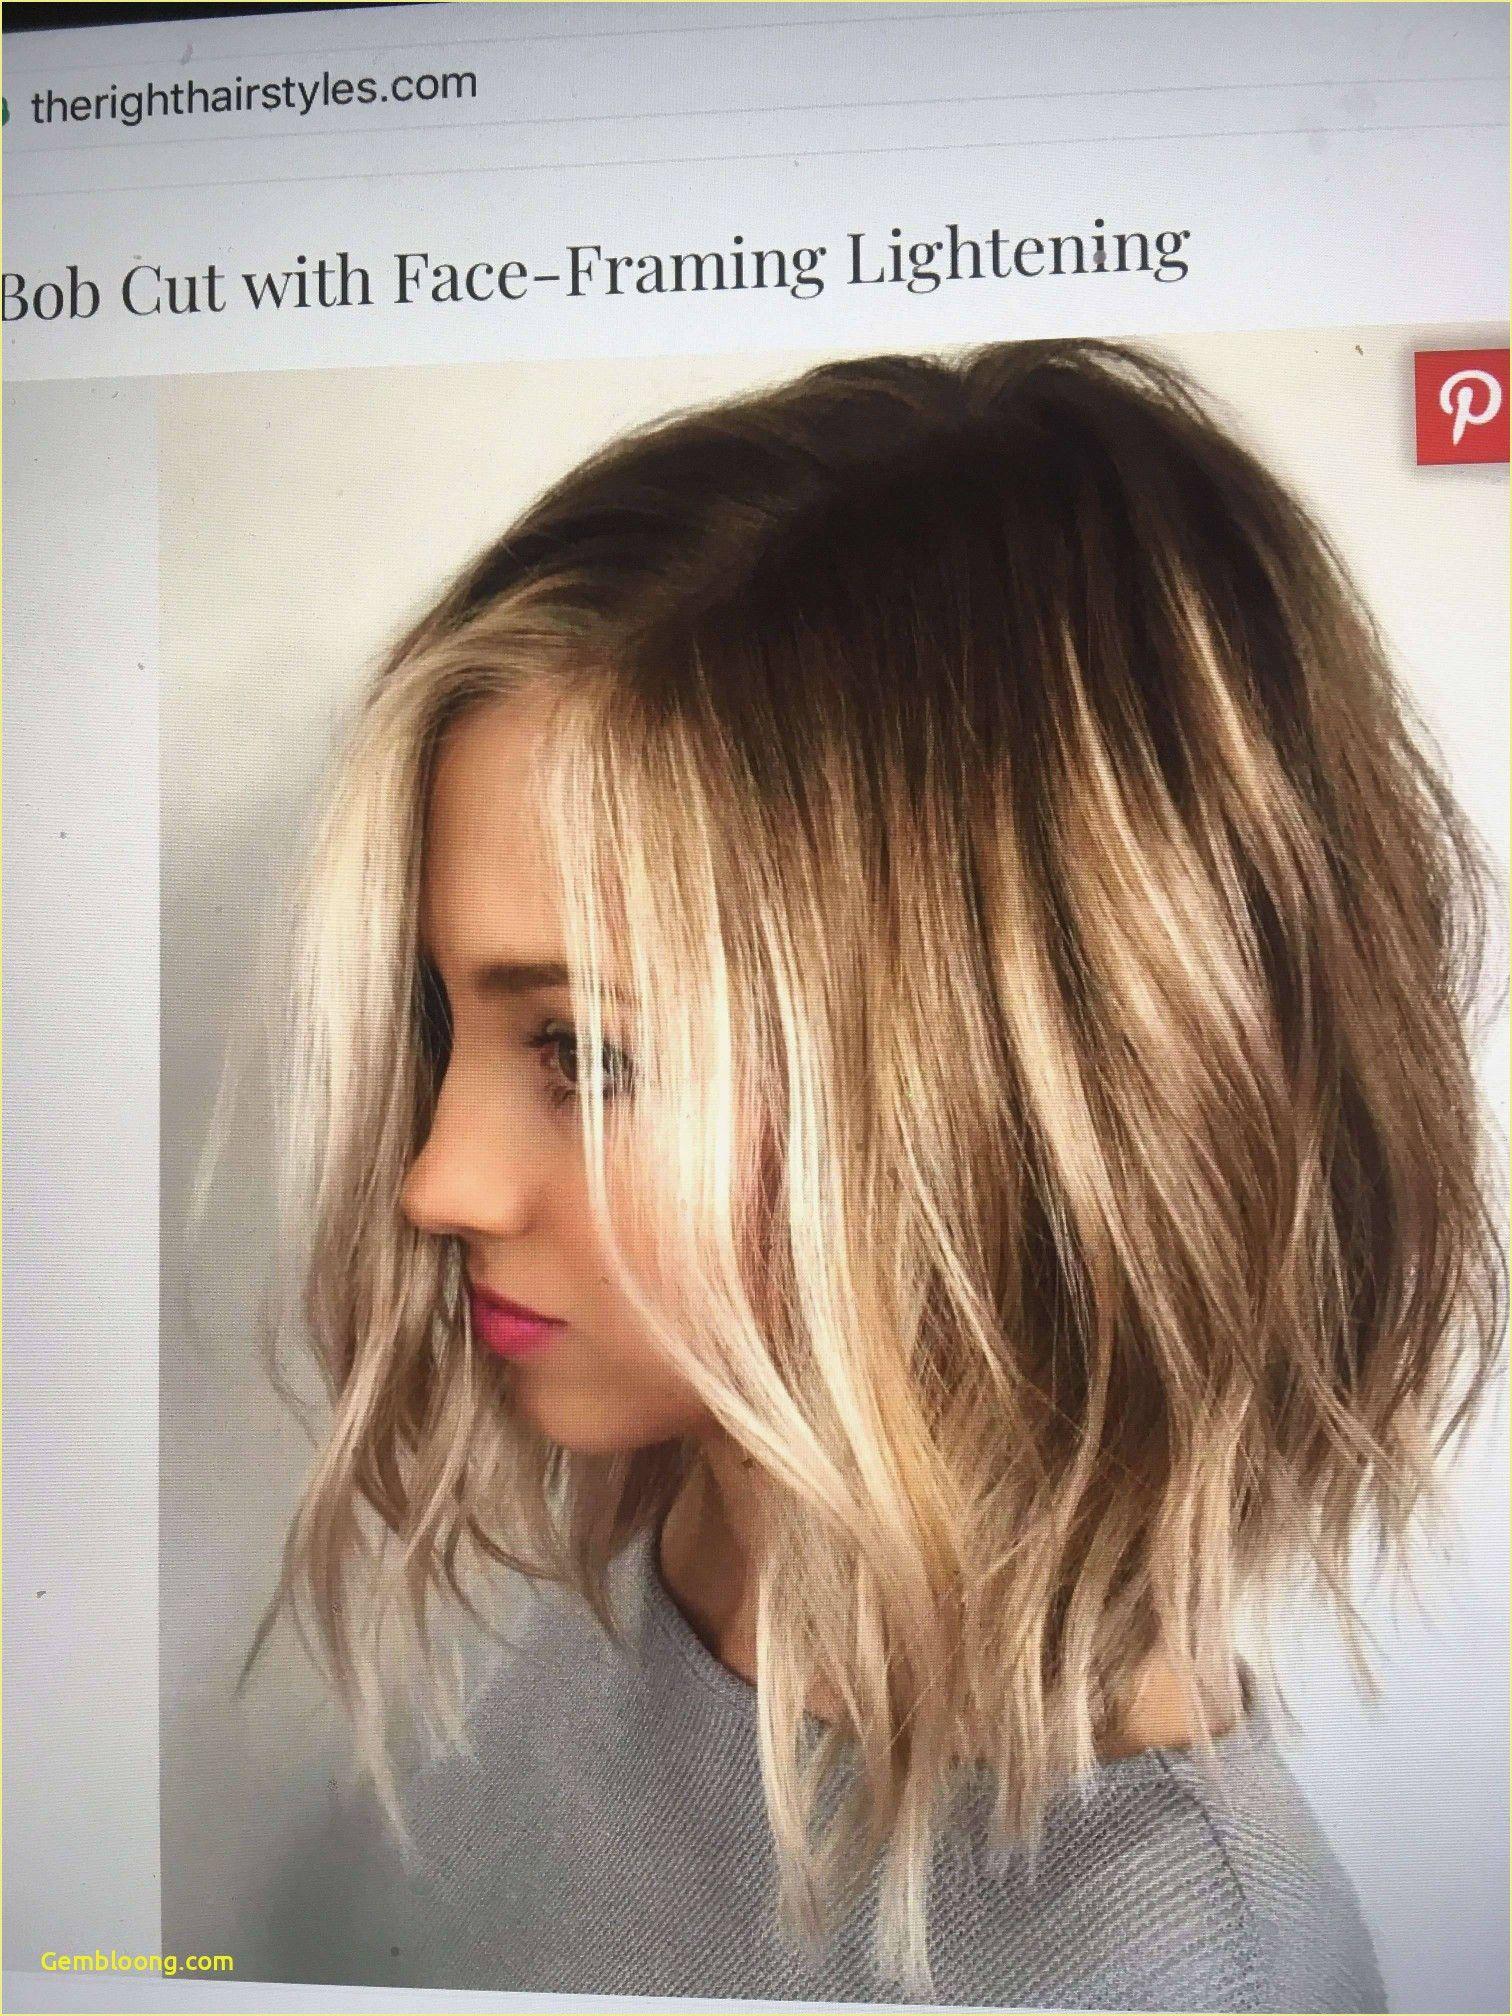 Locken Frisur Halb Hochgesteckt In 2020 Mittellange Haare Frisuren Einfach Haarschnitt Kurzhaarfrisuren